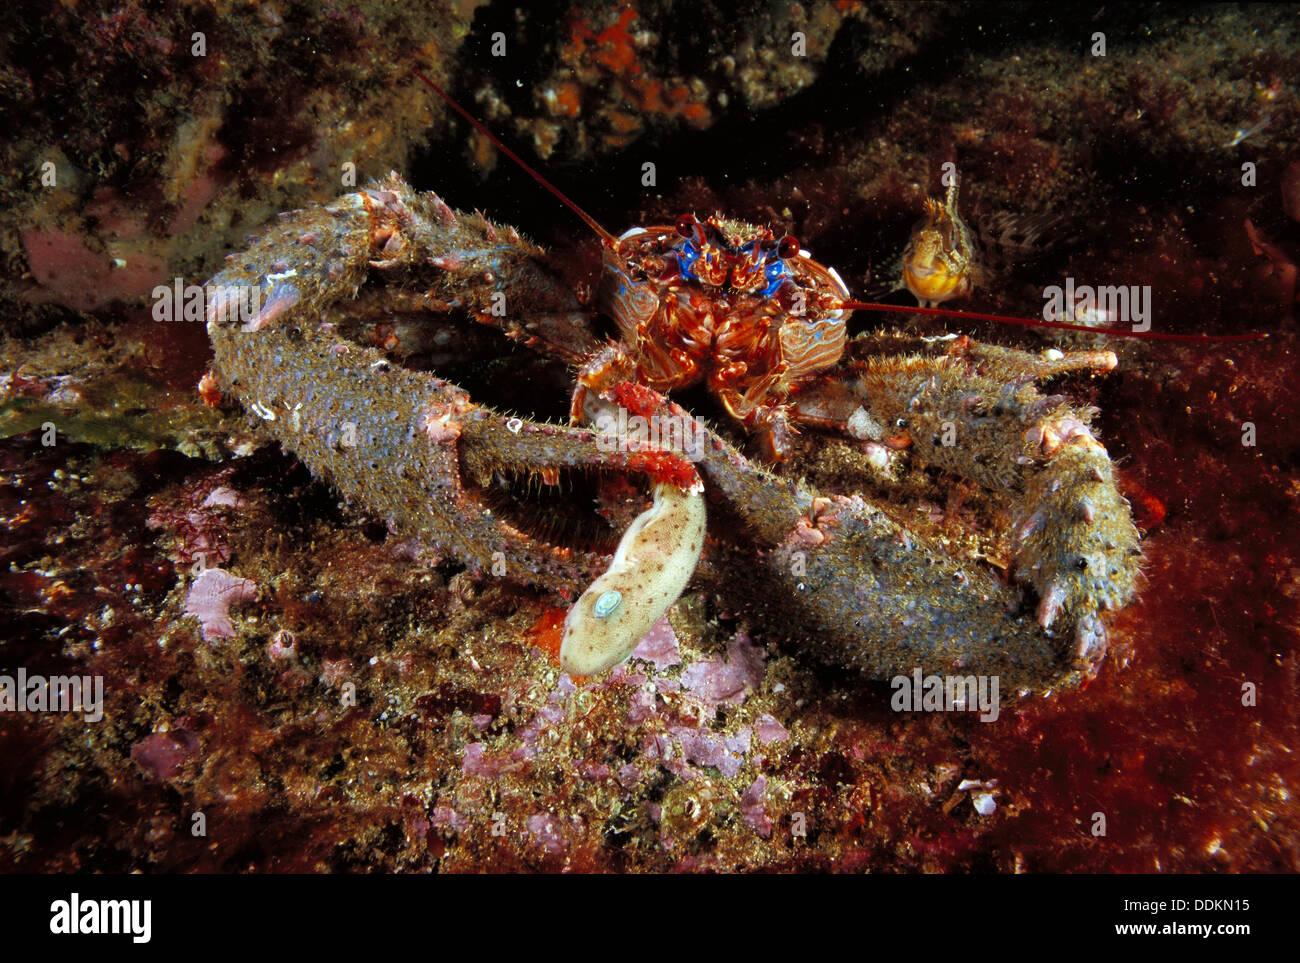 Spinous Imágenes De Stock & Spinous Fotos De Stock - Alamy